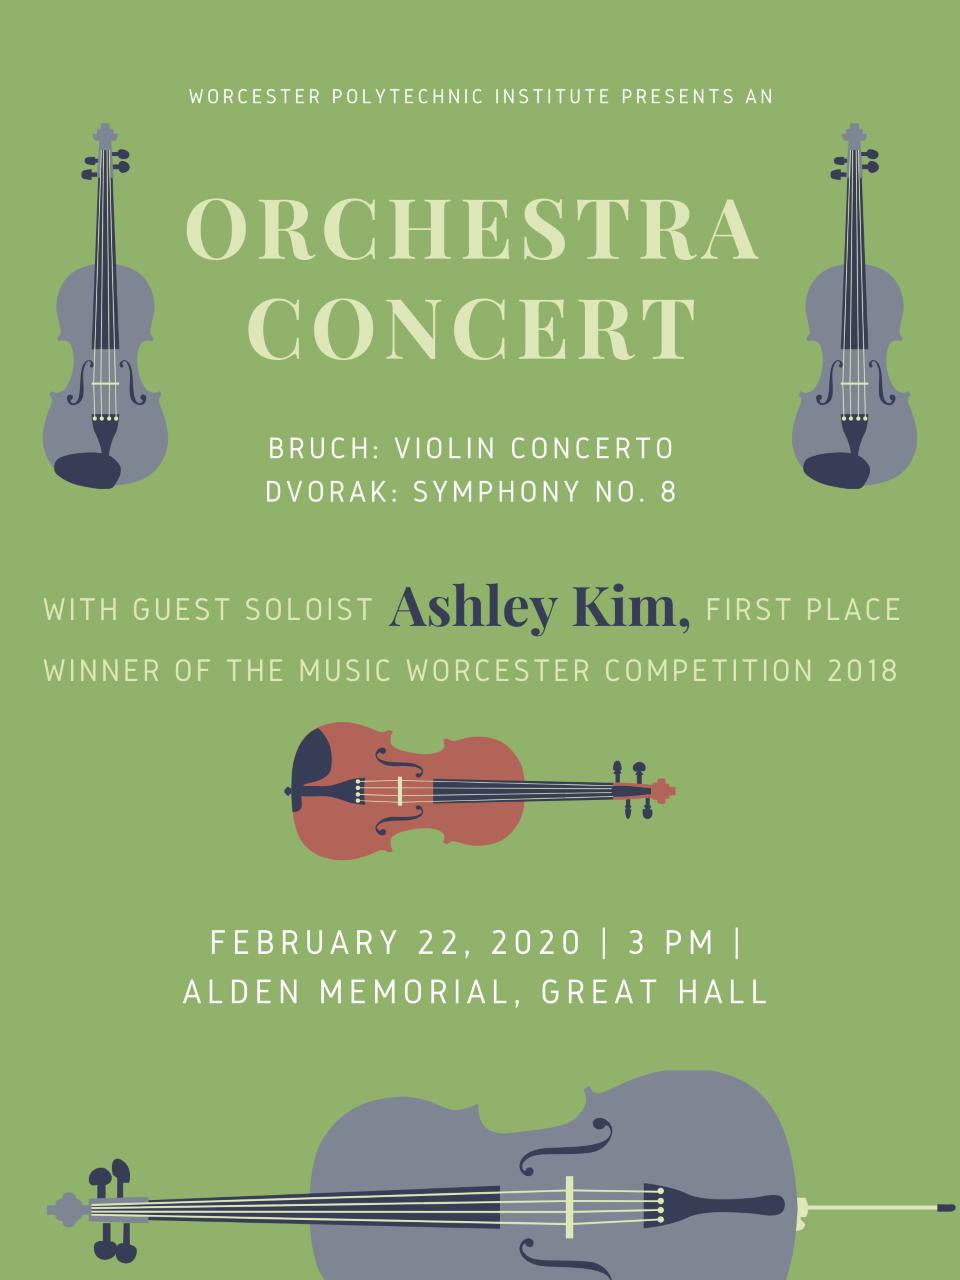 Ashley Kim, violinist